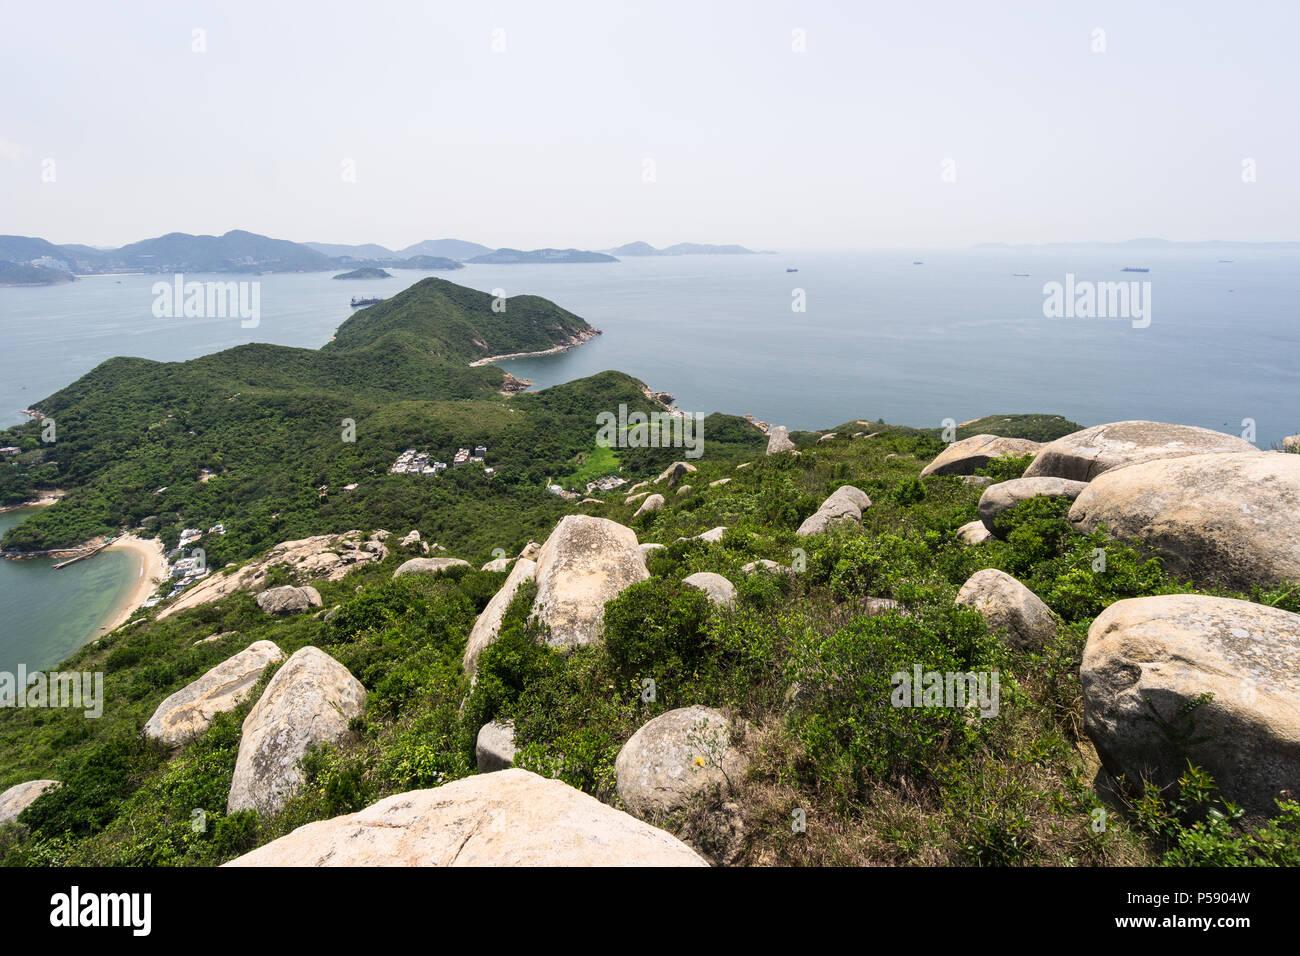 Vue imprenable sur la côte sauvage de Lamma Island avec l'île de Hong Kong dans l'arrière-plan à Hong Kong SAR, Chine Photo Stock